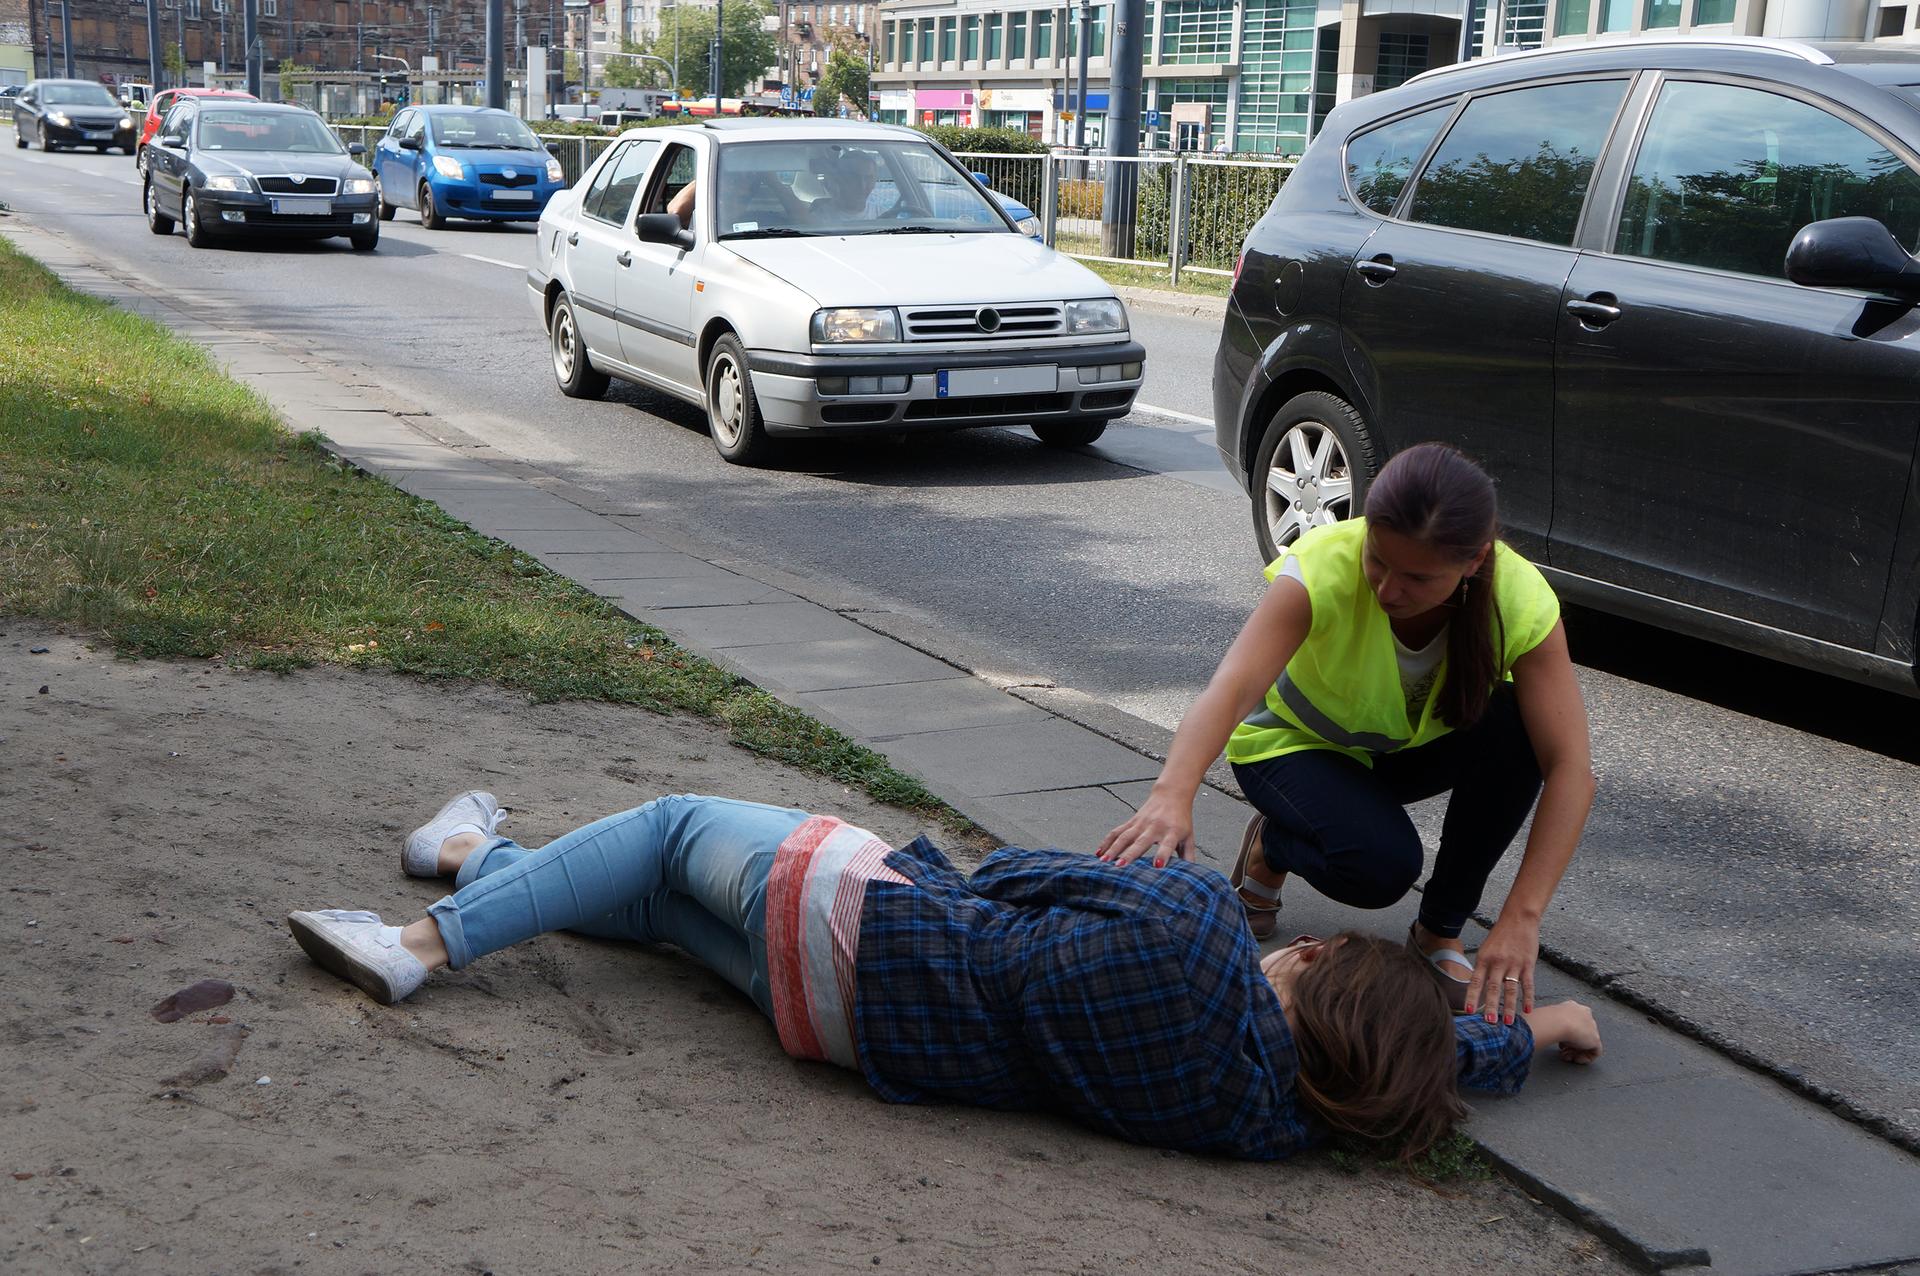 Zdjęcie przedstawia osobę wkamizelce odblaskowej klęczącą leżącym na skraju ulicy poszkodowanym. Tuż obok jezdnią jedzie sznur samochodów.